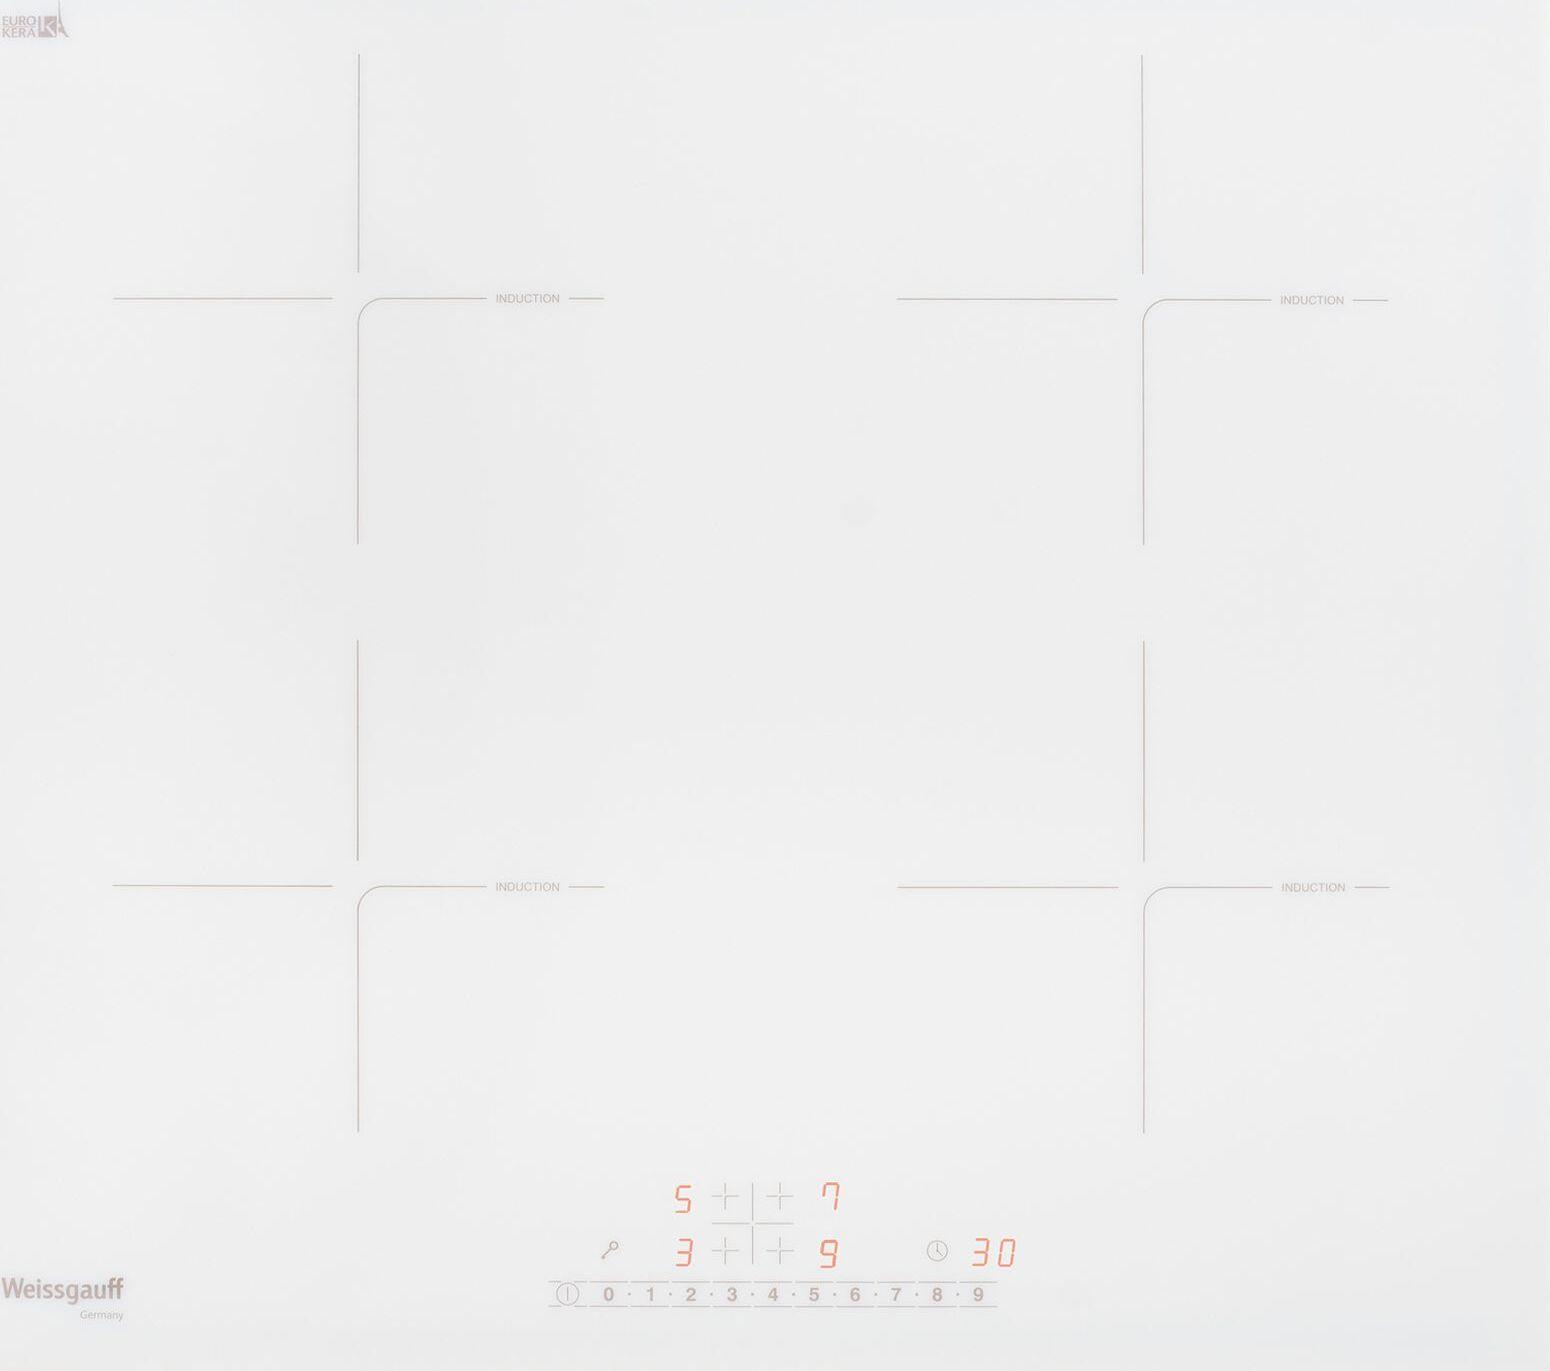 Варочная панель Weissgauff HI 640 WSC, белый